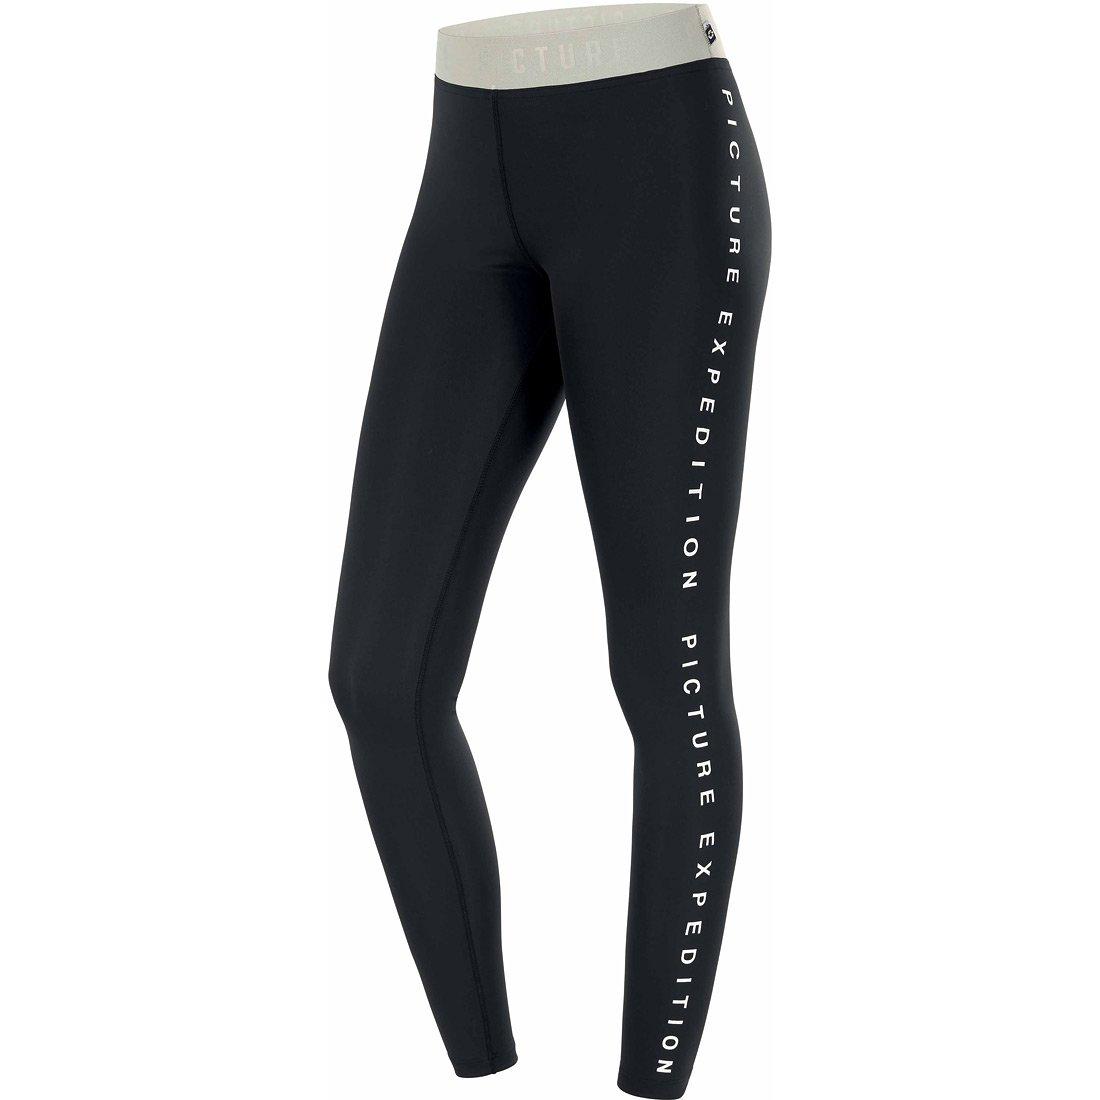 טייטס ספורטיביים ארוכים לנשים - Caty Legging - Picture Organic